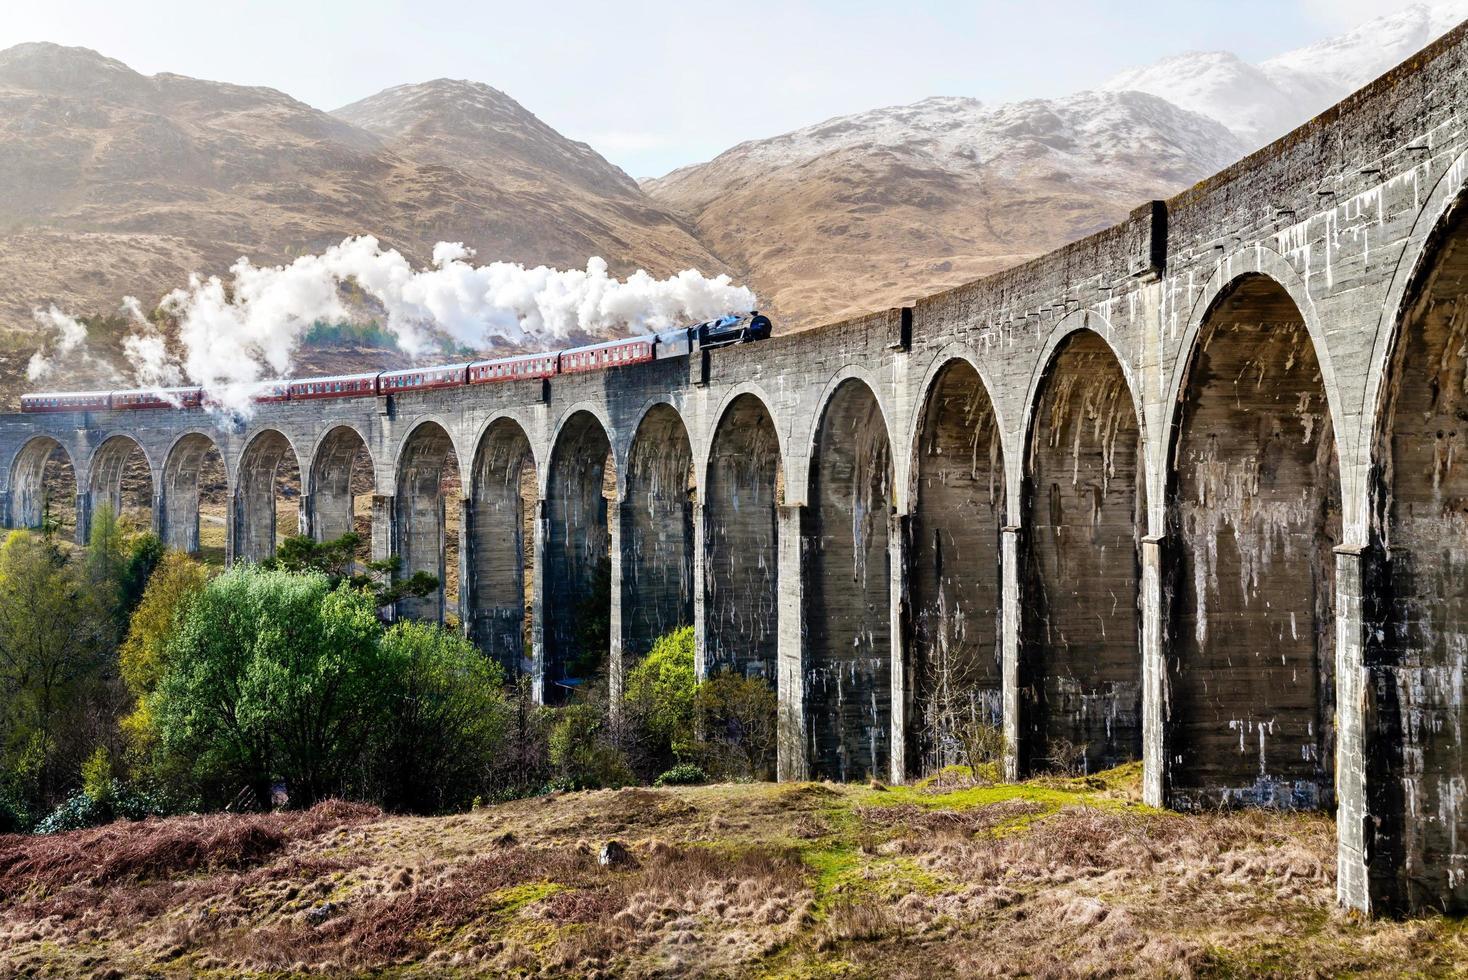 trem a vapor correndo na ponte de concreto foto